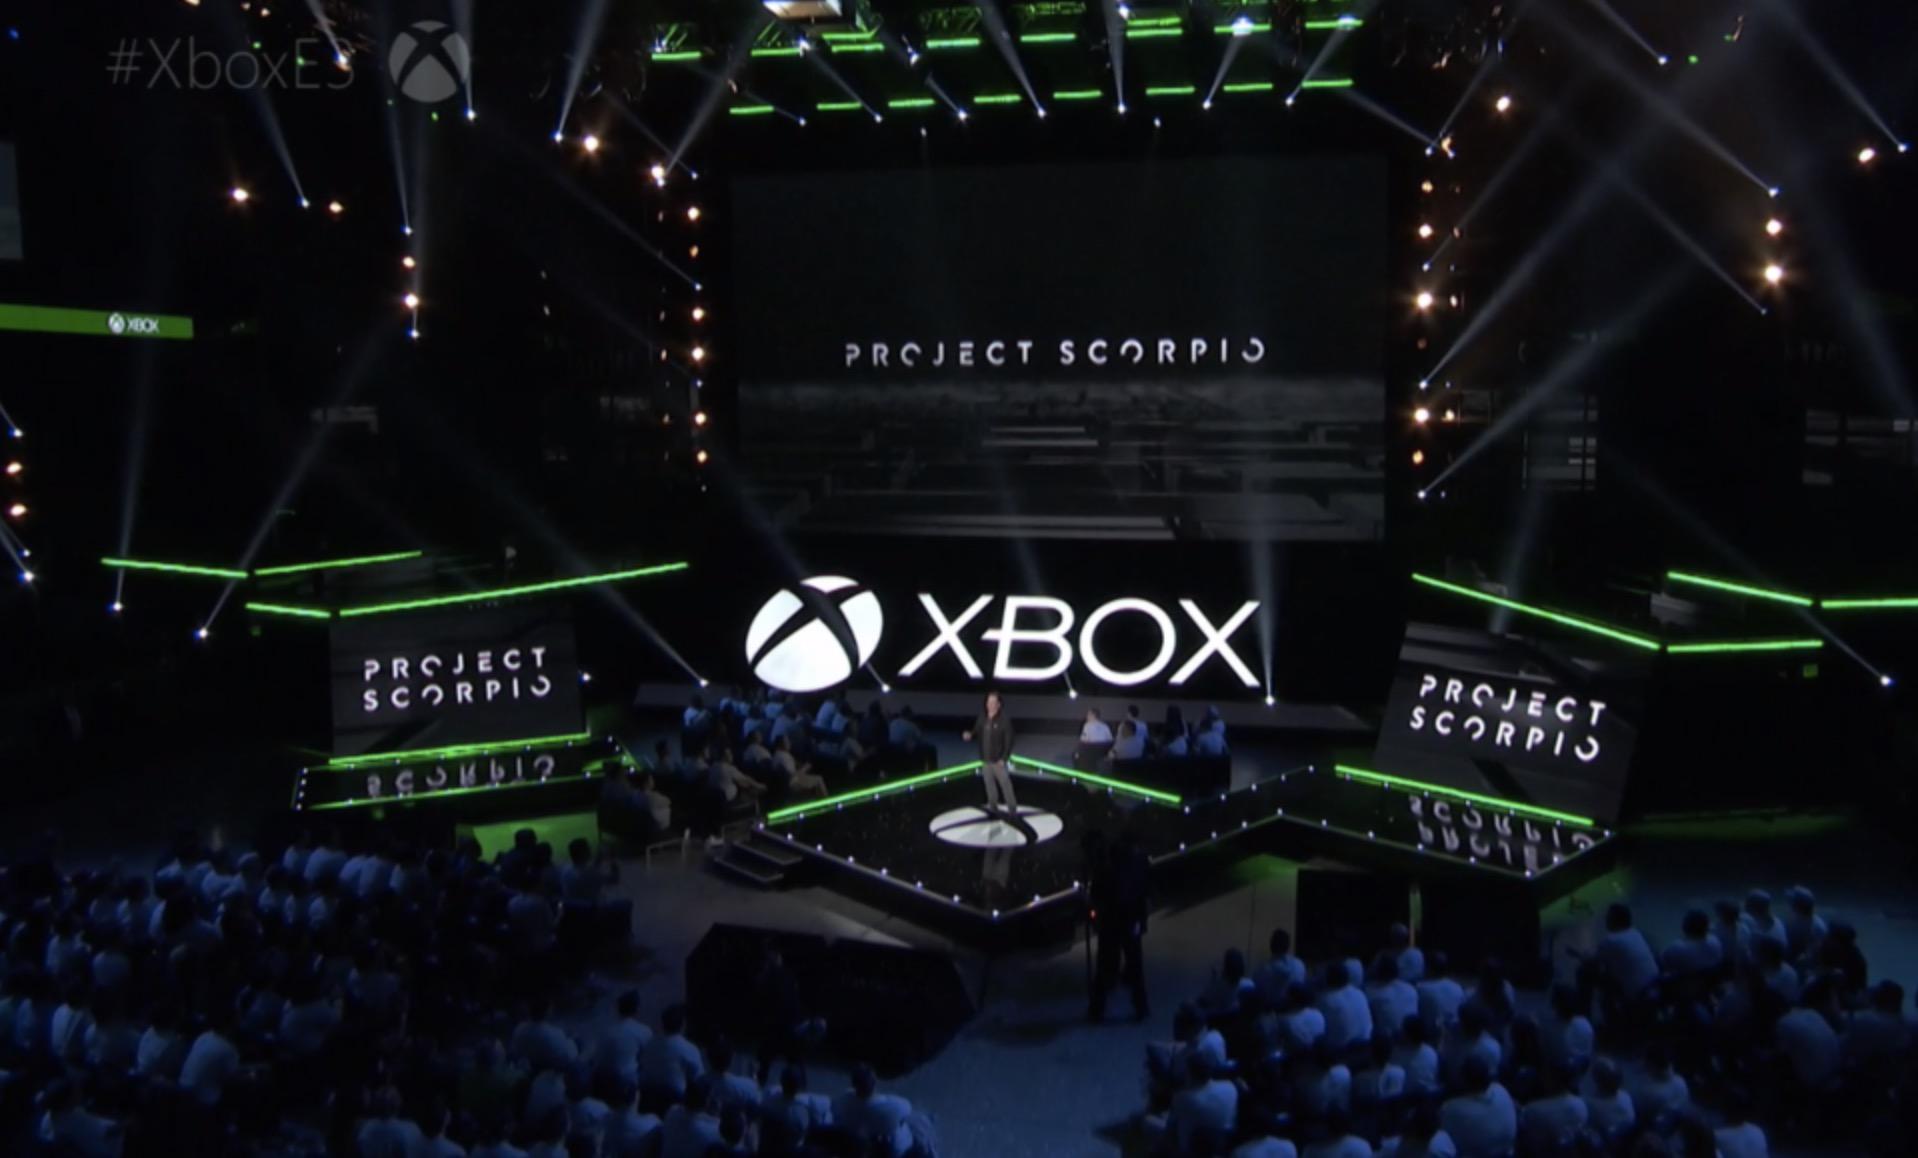 Xbox Project Scorpio console